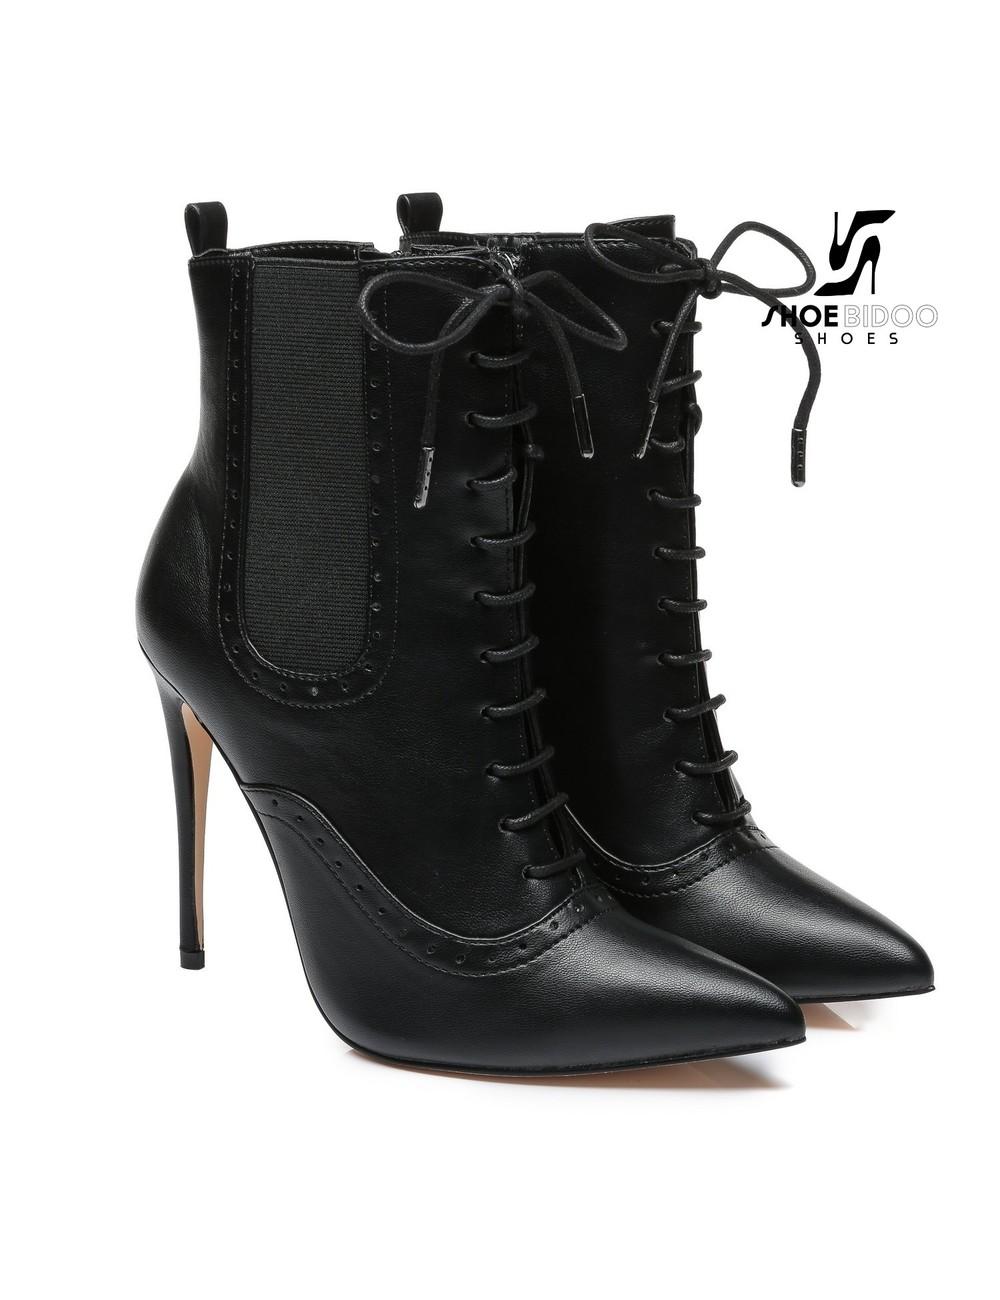 Giaro Giaro ankle boots ADINA in black